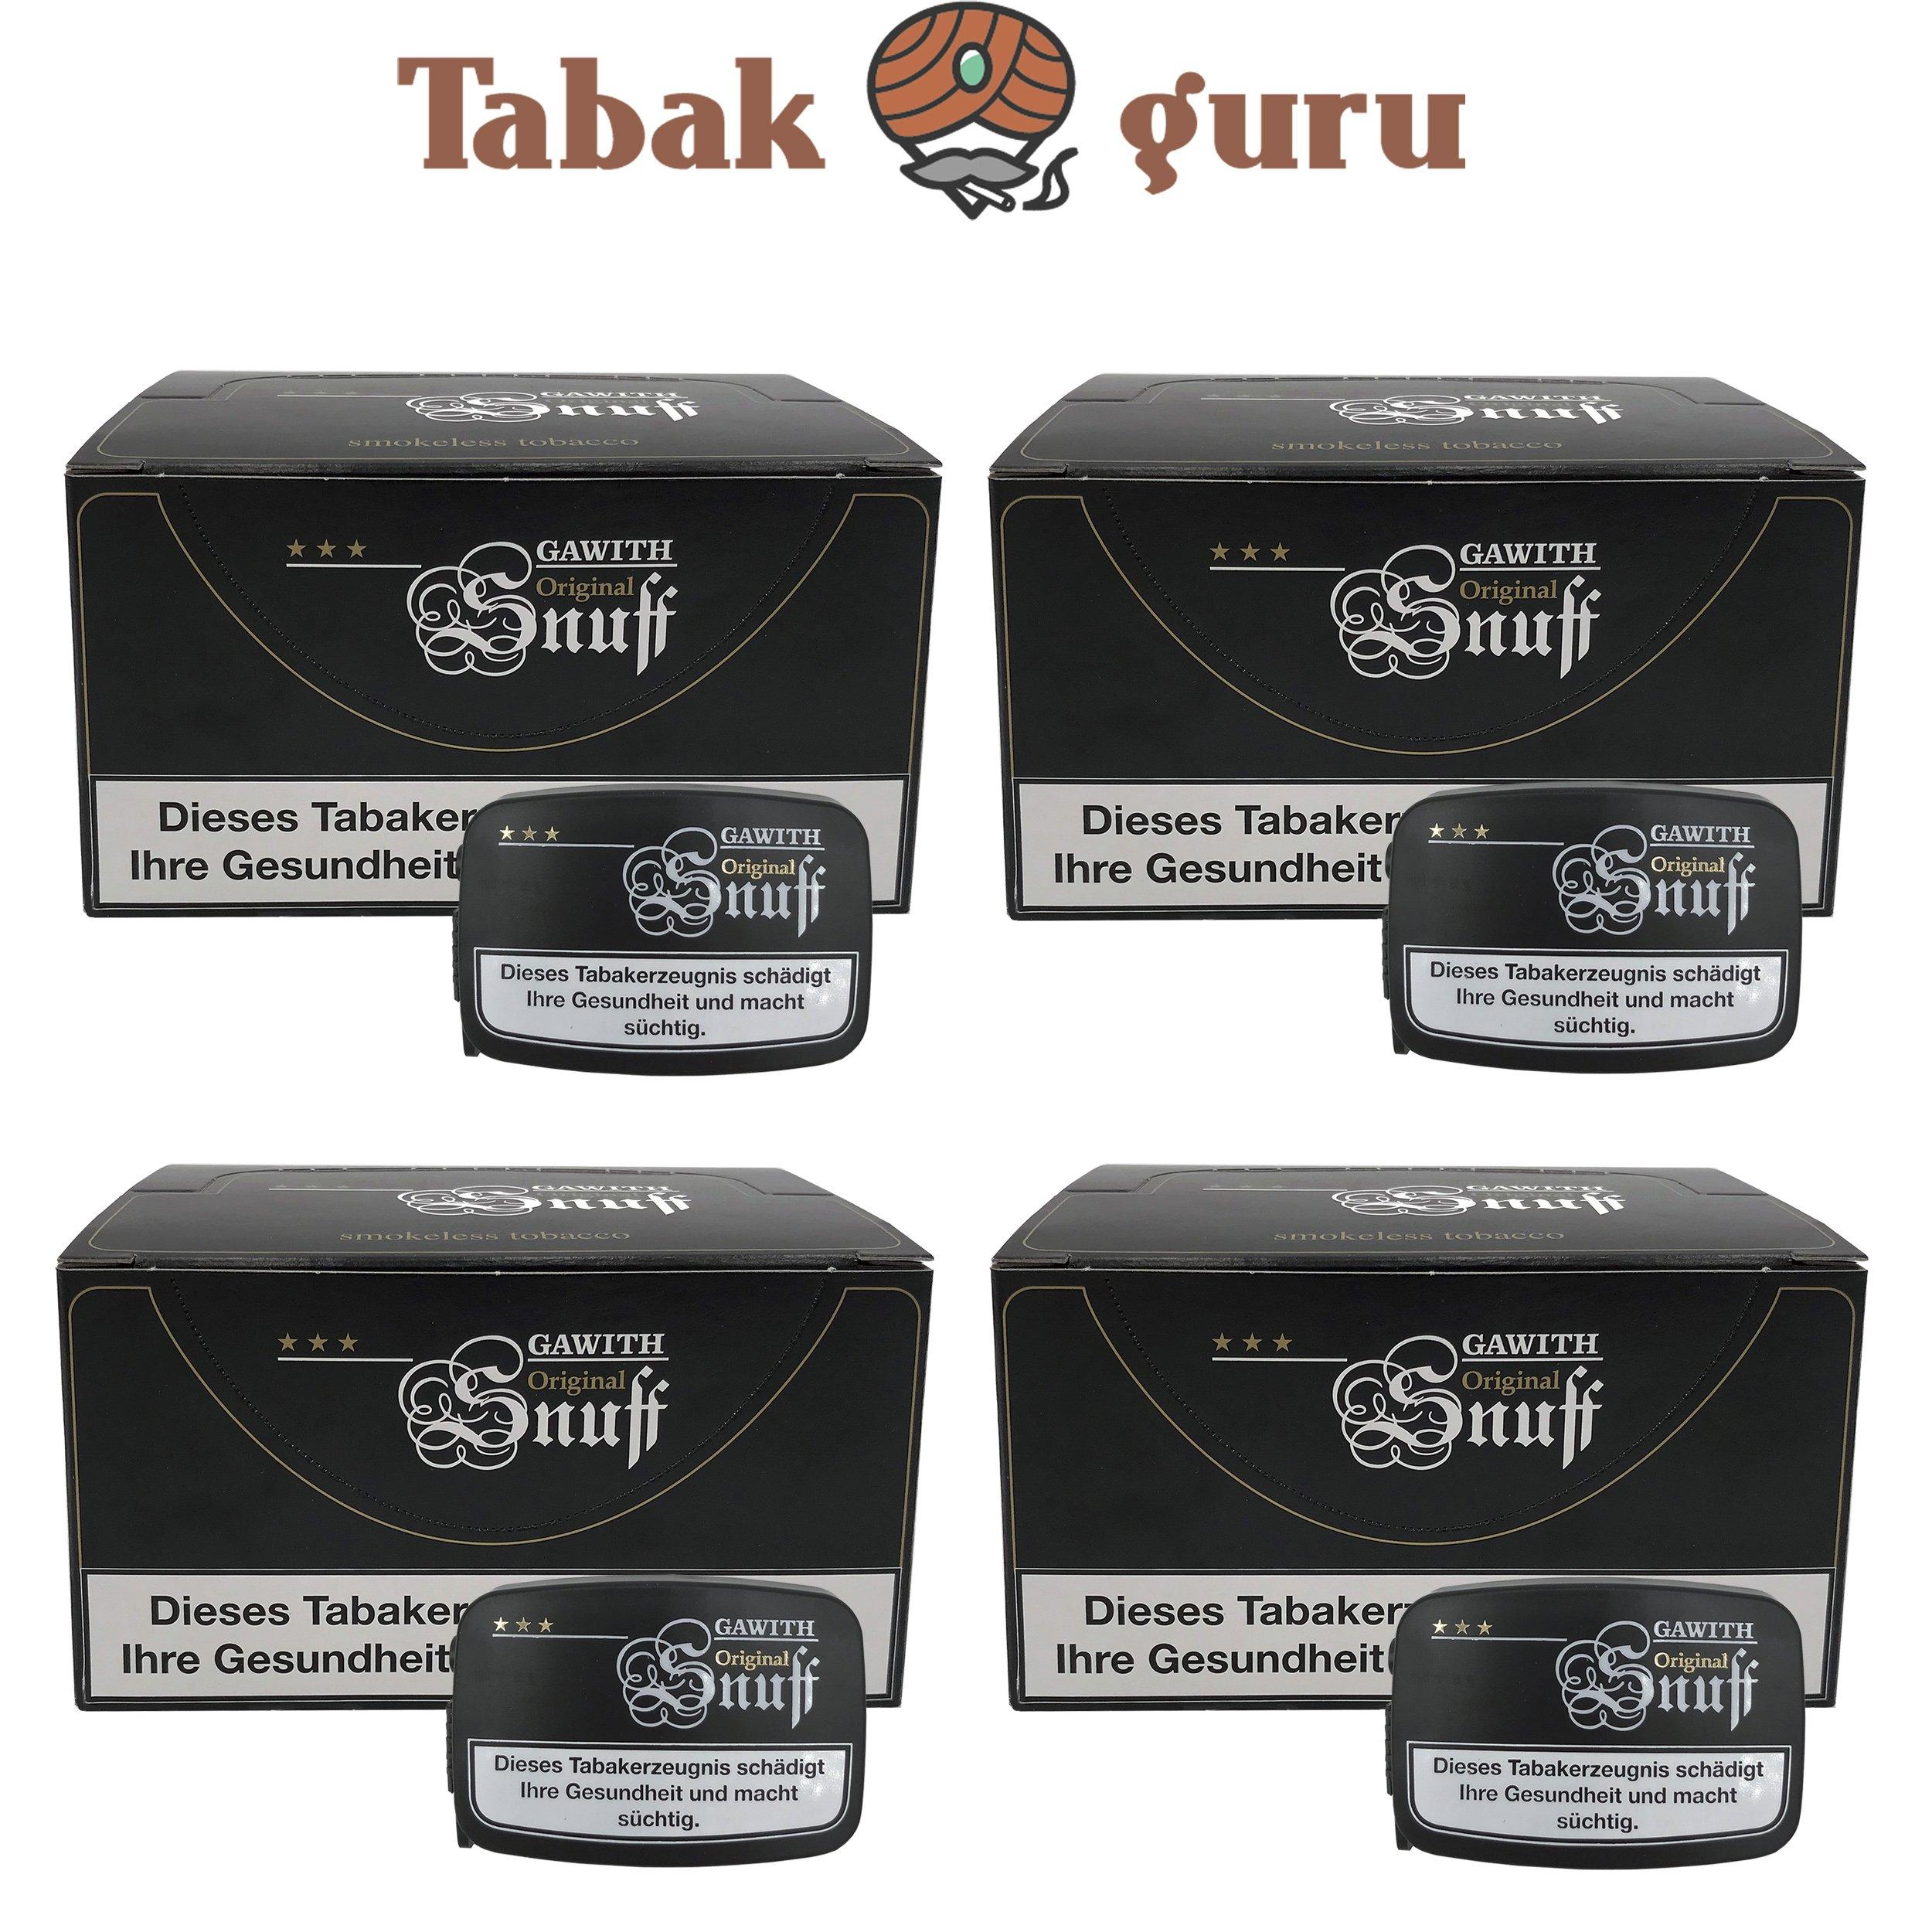 80x Gawith Original Snuff Schnupftabak Dose á10 g